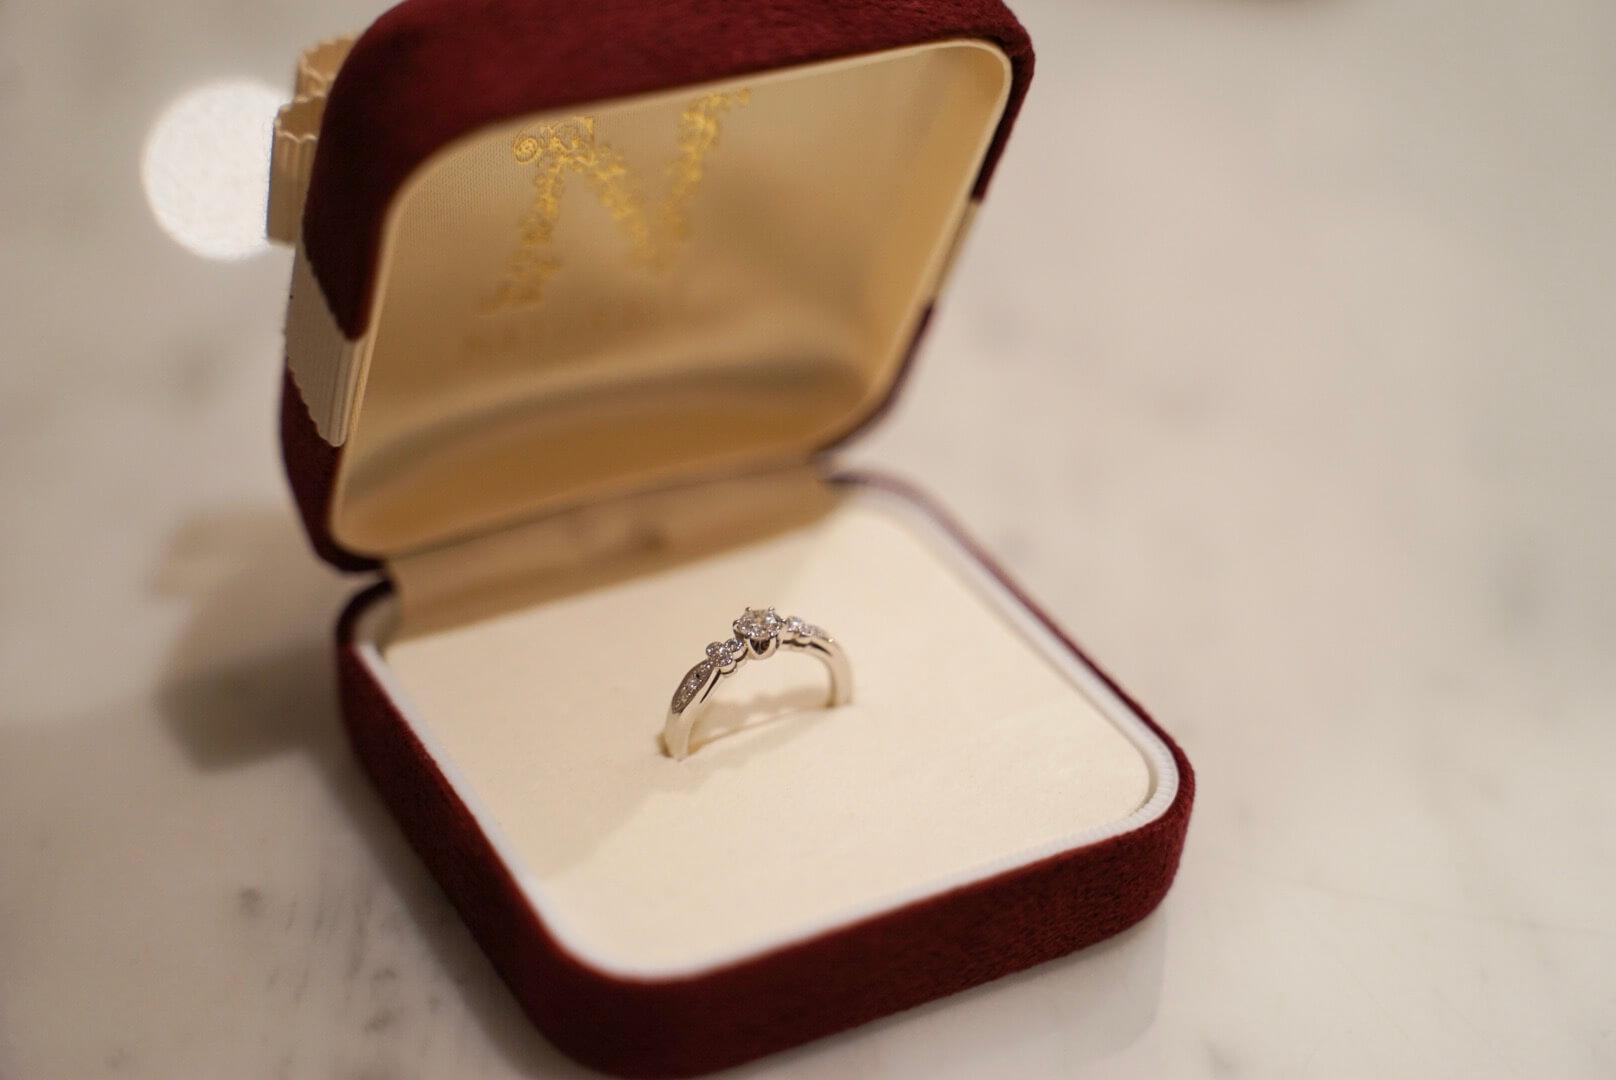 プロポーズされた後は何をすればいいの?結婚式の準備 まずやることは?